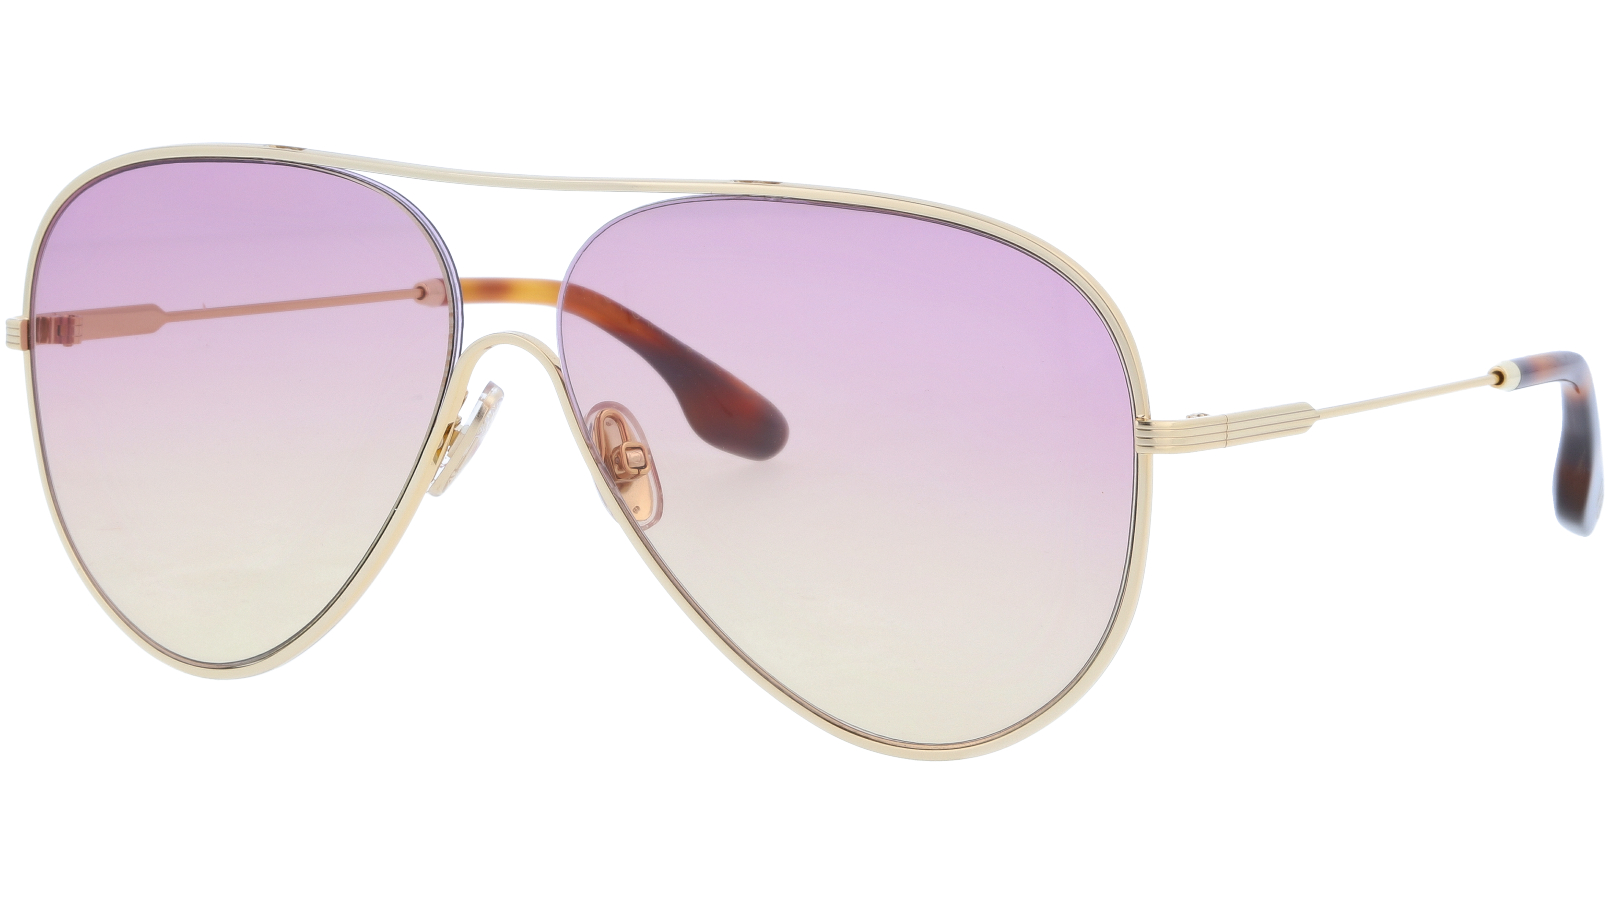 Victoria Beckham VB133S 707 61 Gold Sunglasses